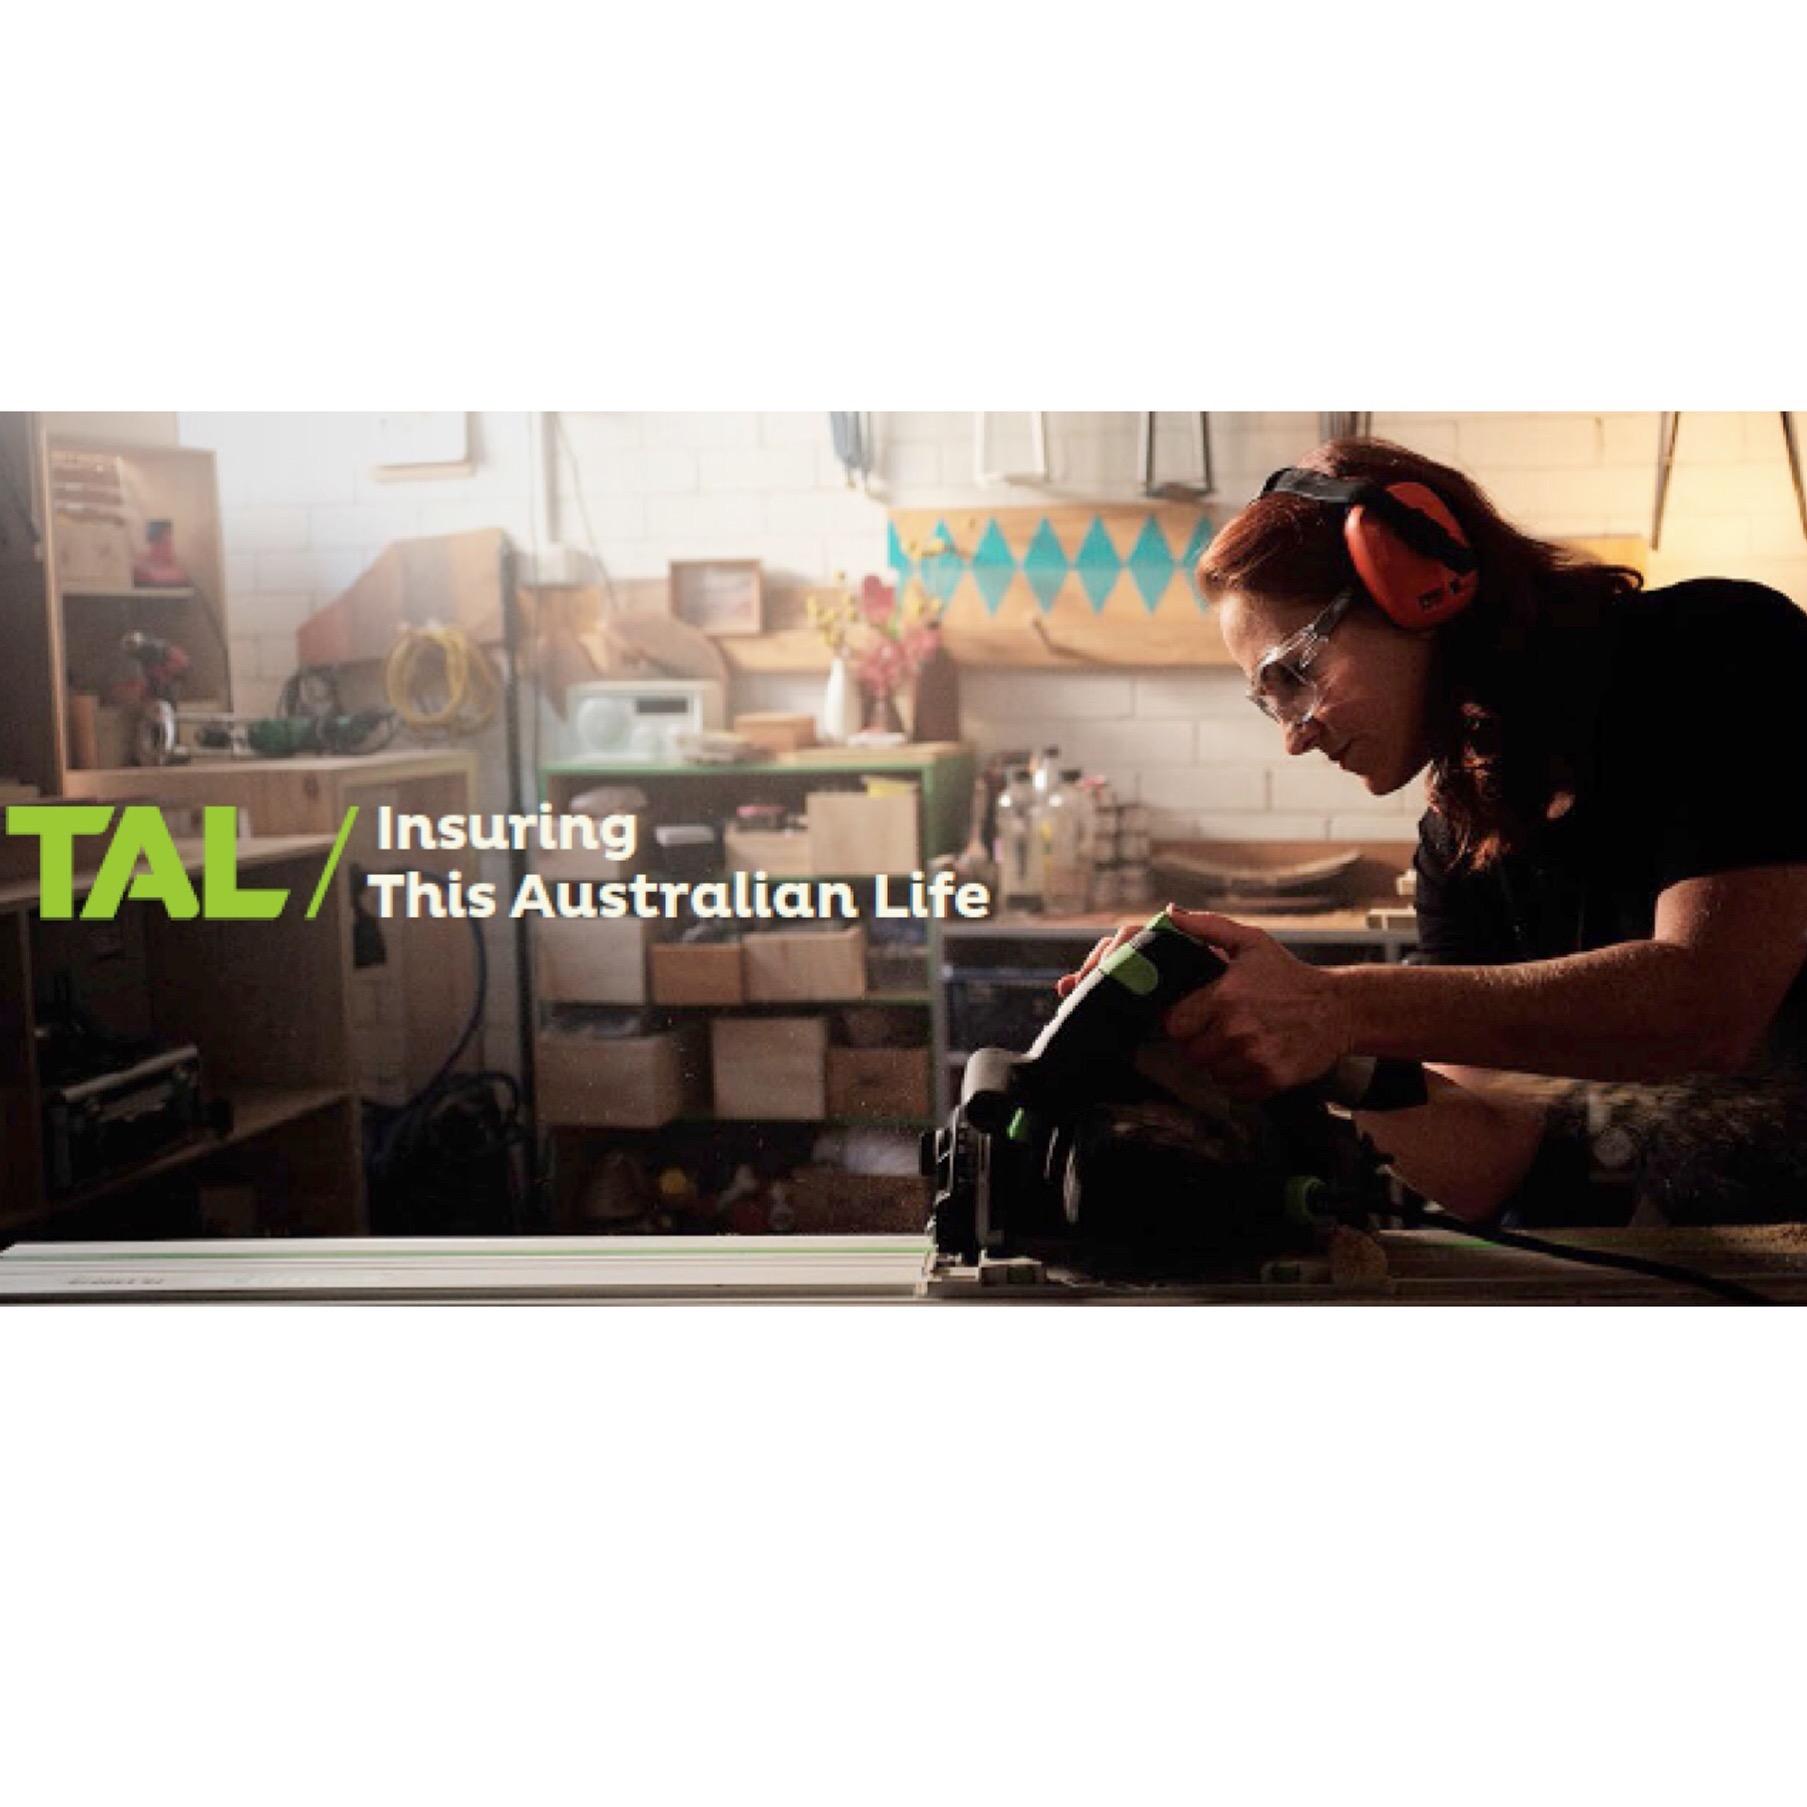 TAL Aussie life LRI HQ.jpg